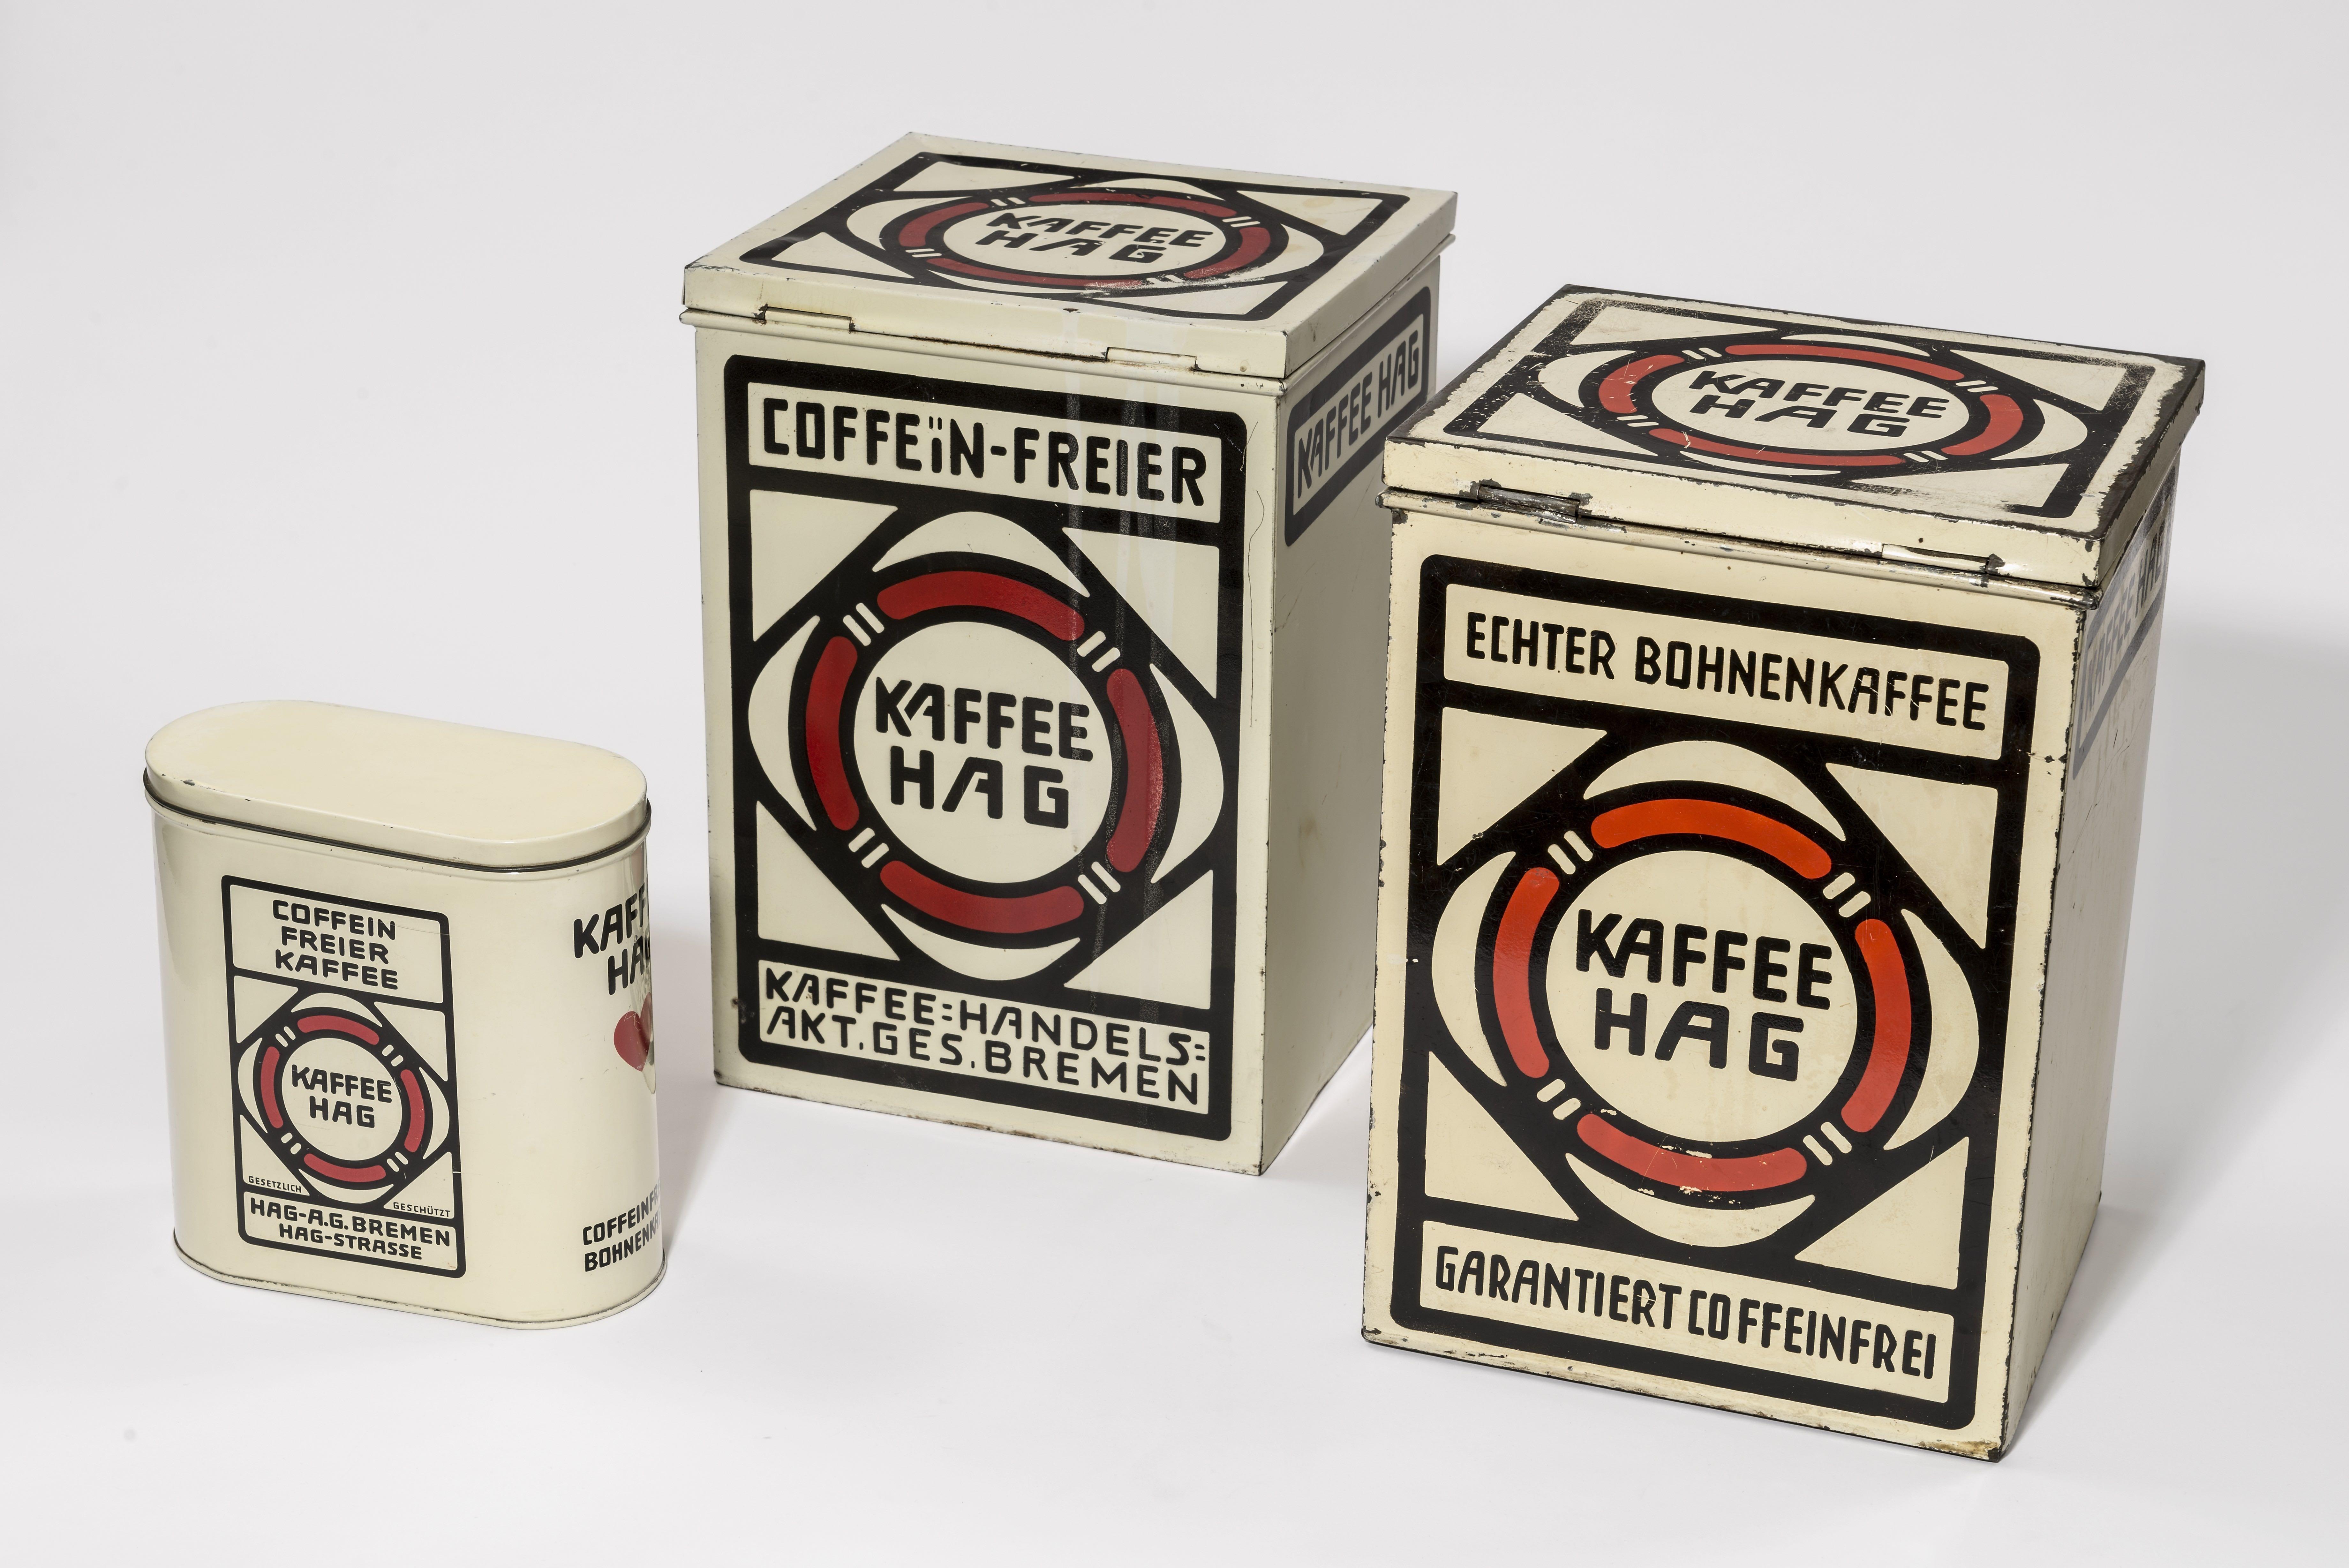 Vorratsdosen Kaffee HAG, um 1910, Bröhan-Museum, Berlin